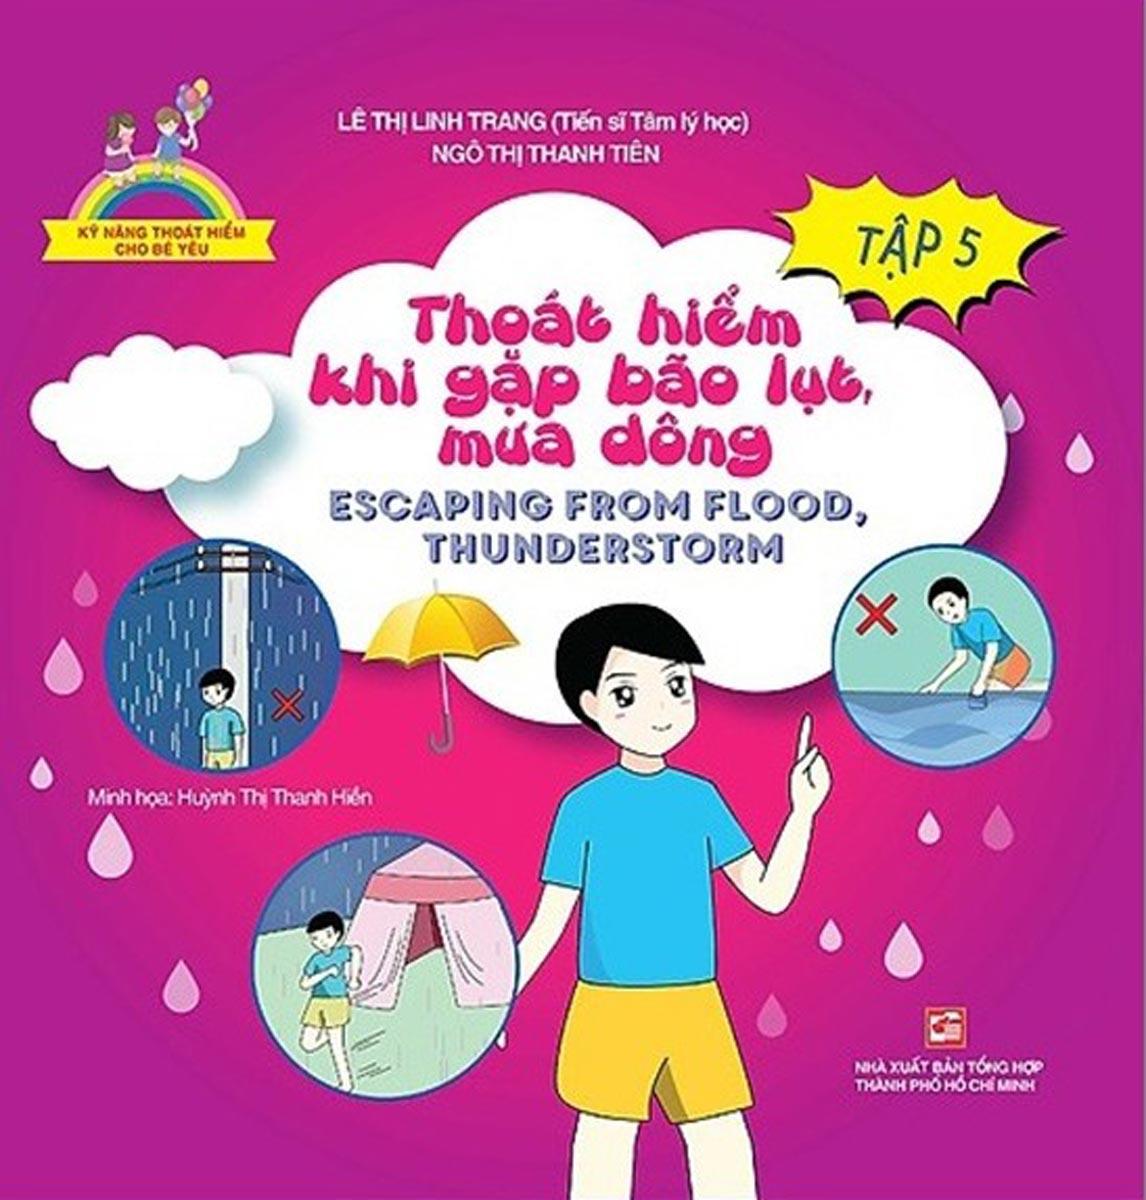 Kỹ Năng Thoát Hiểm Cho Bé Yêu - Tập 5 - Thoát Hiểm Khi Gặp Bão Lụt Mưa Dông